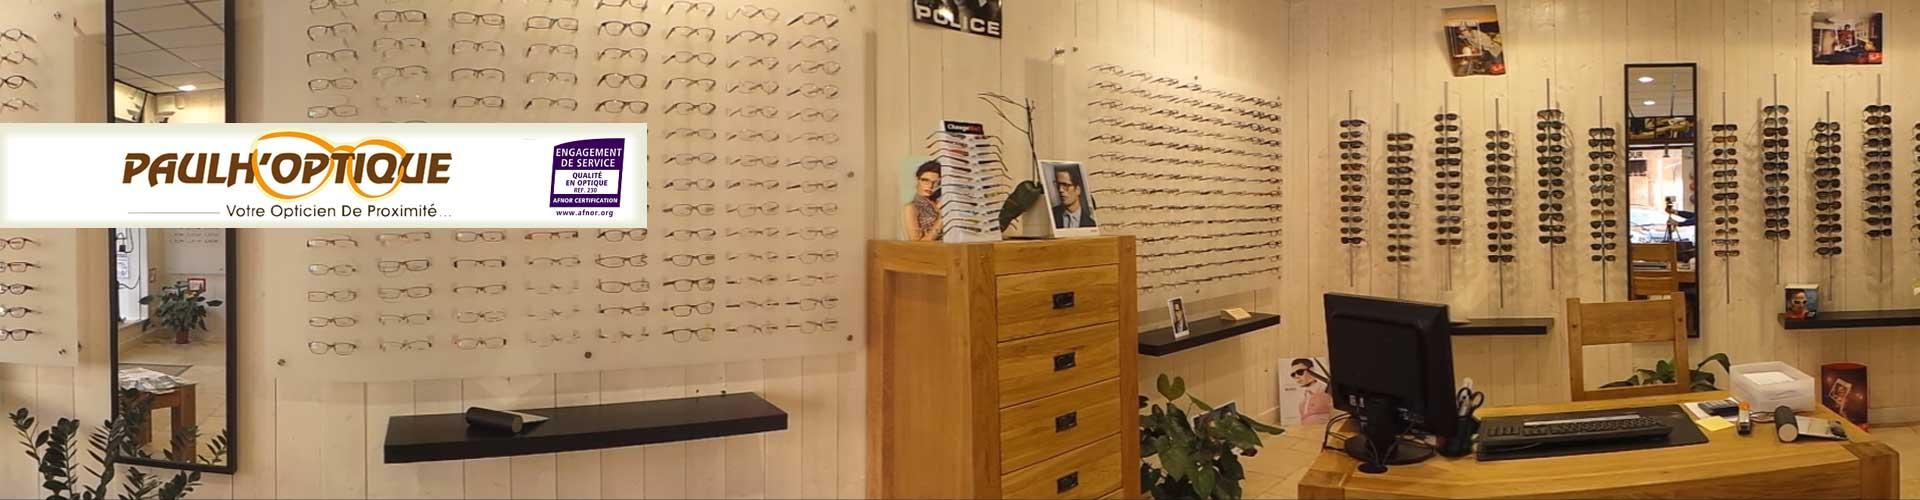 Paulh'optique, un large choix de lunettes à Paulhan